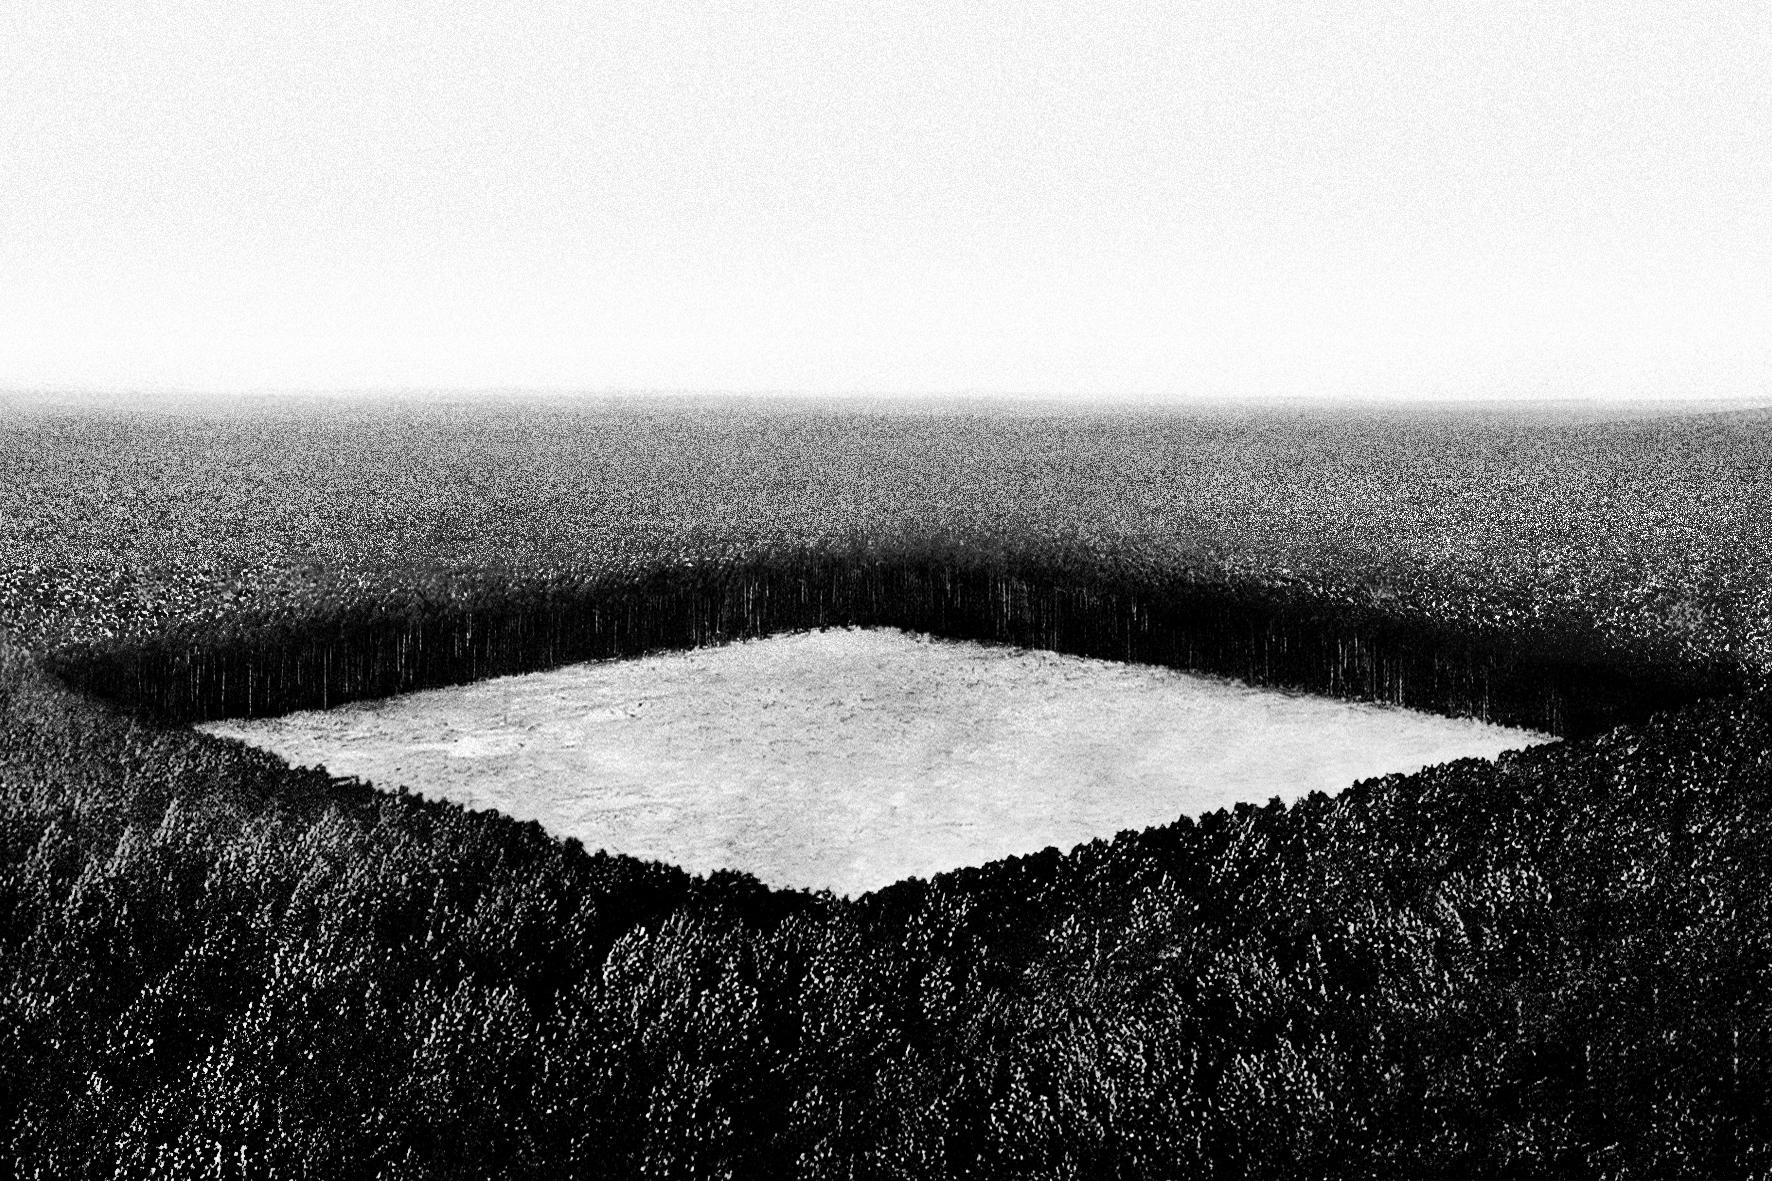 """Jakub Woynarowski, """"Stalowa Wola (I)"""", fotomontaż zcyklu """"Wpowietrzu, nalądzie imorzu"""", 2008"""